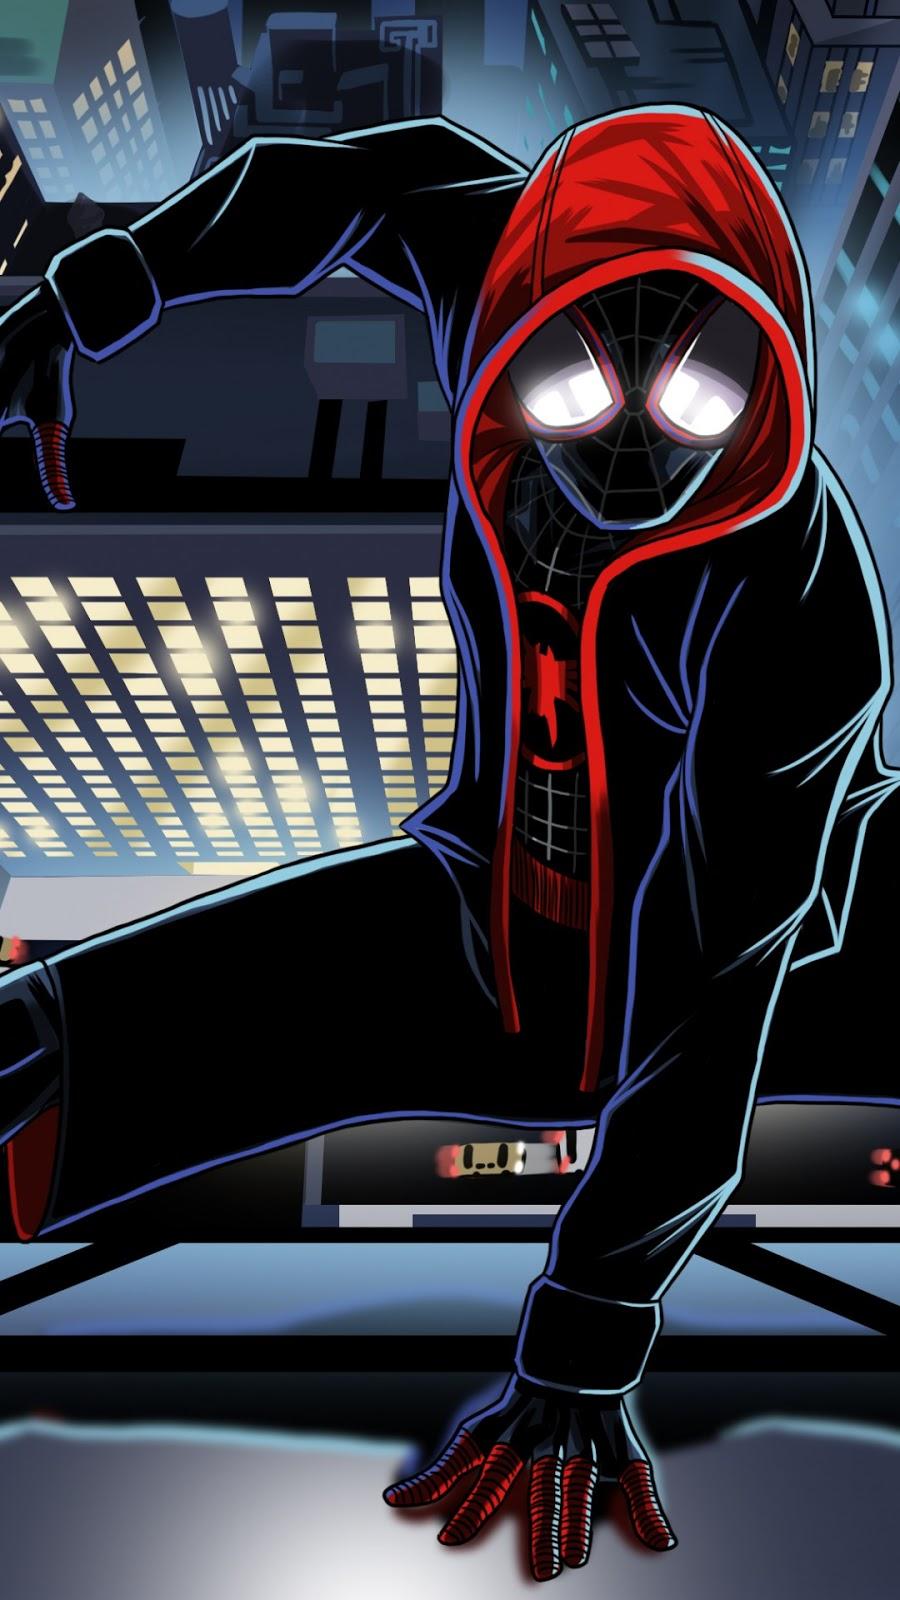 Papel de parede grátis Homem-Aranha Arte Digital para PC, Notebook, iPhone, Android e Tablet.